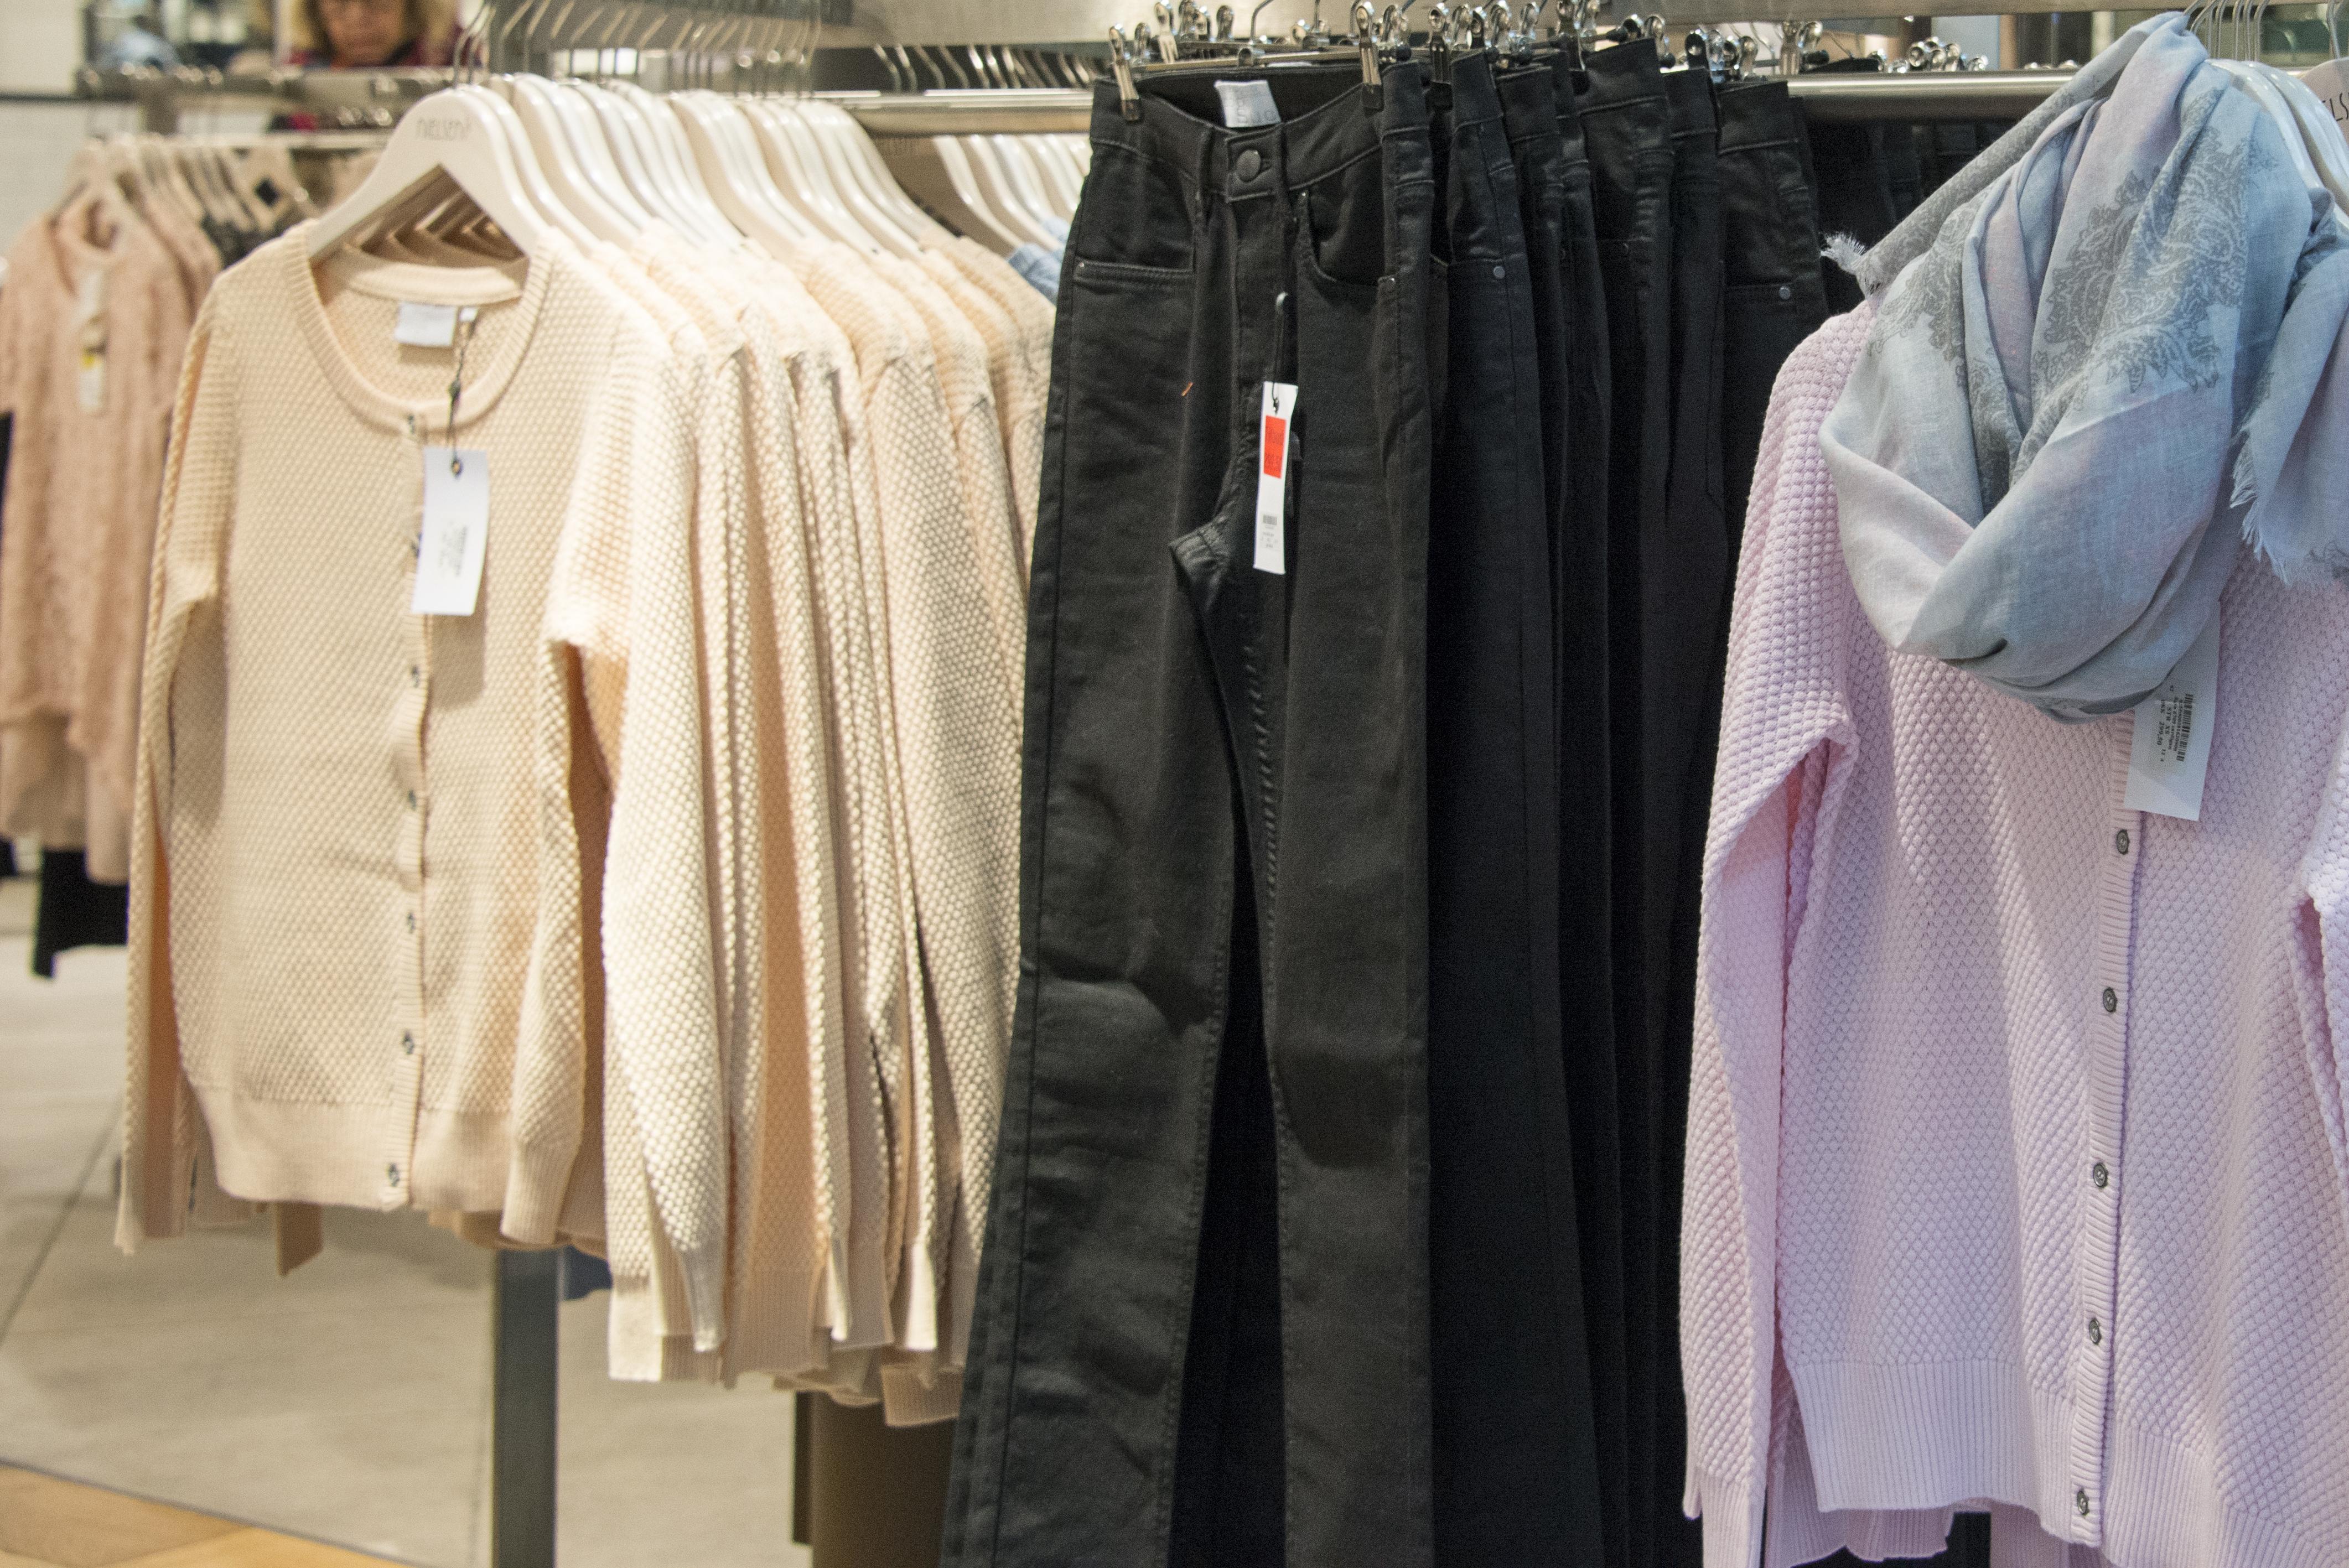 433ffd6b Modetøjsbutikken Nü er på vej til midtbyen i Kolding. Billedet er dog et  genrefoto og viser ikke tøj fra Nü. Modelfoto: Helle Karin Helstrand